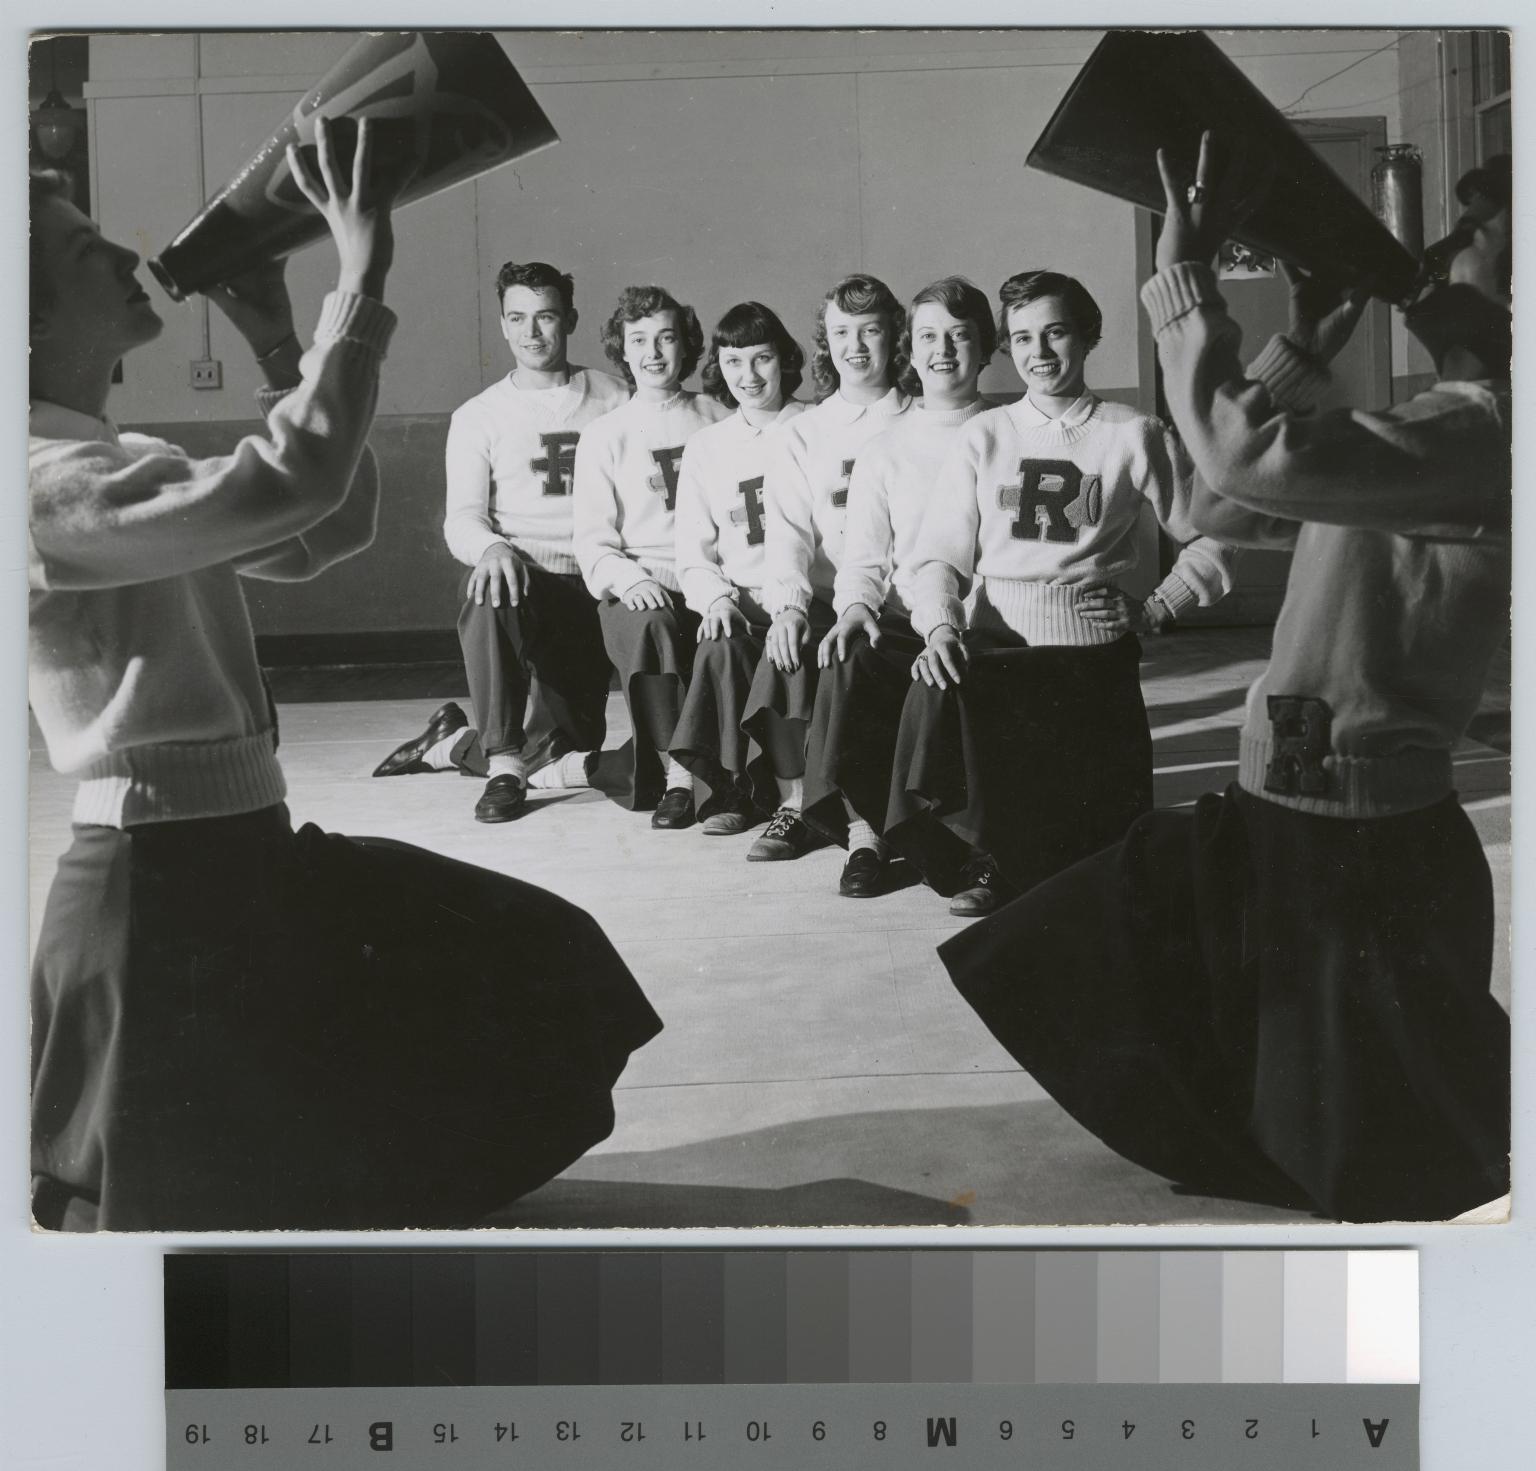 Student activities, group portrait of the RIT Cheerleaders, 1951